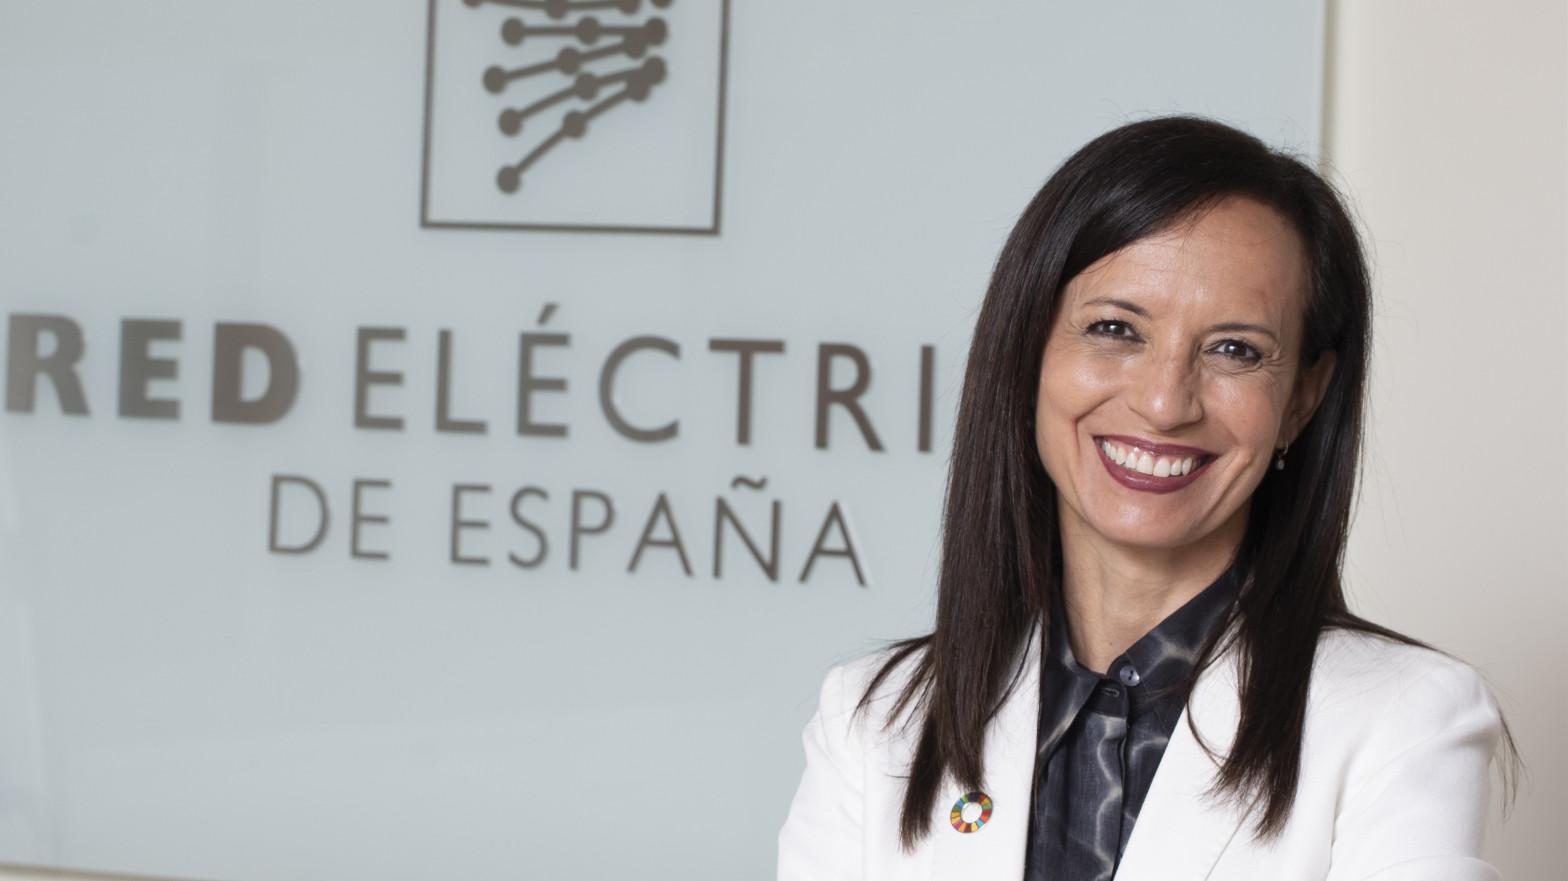 Red Eléctrica ficha para su consejo a una exdiputada del PSC y un alto cargo de la época de Zapatero